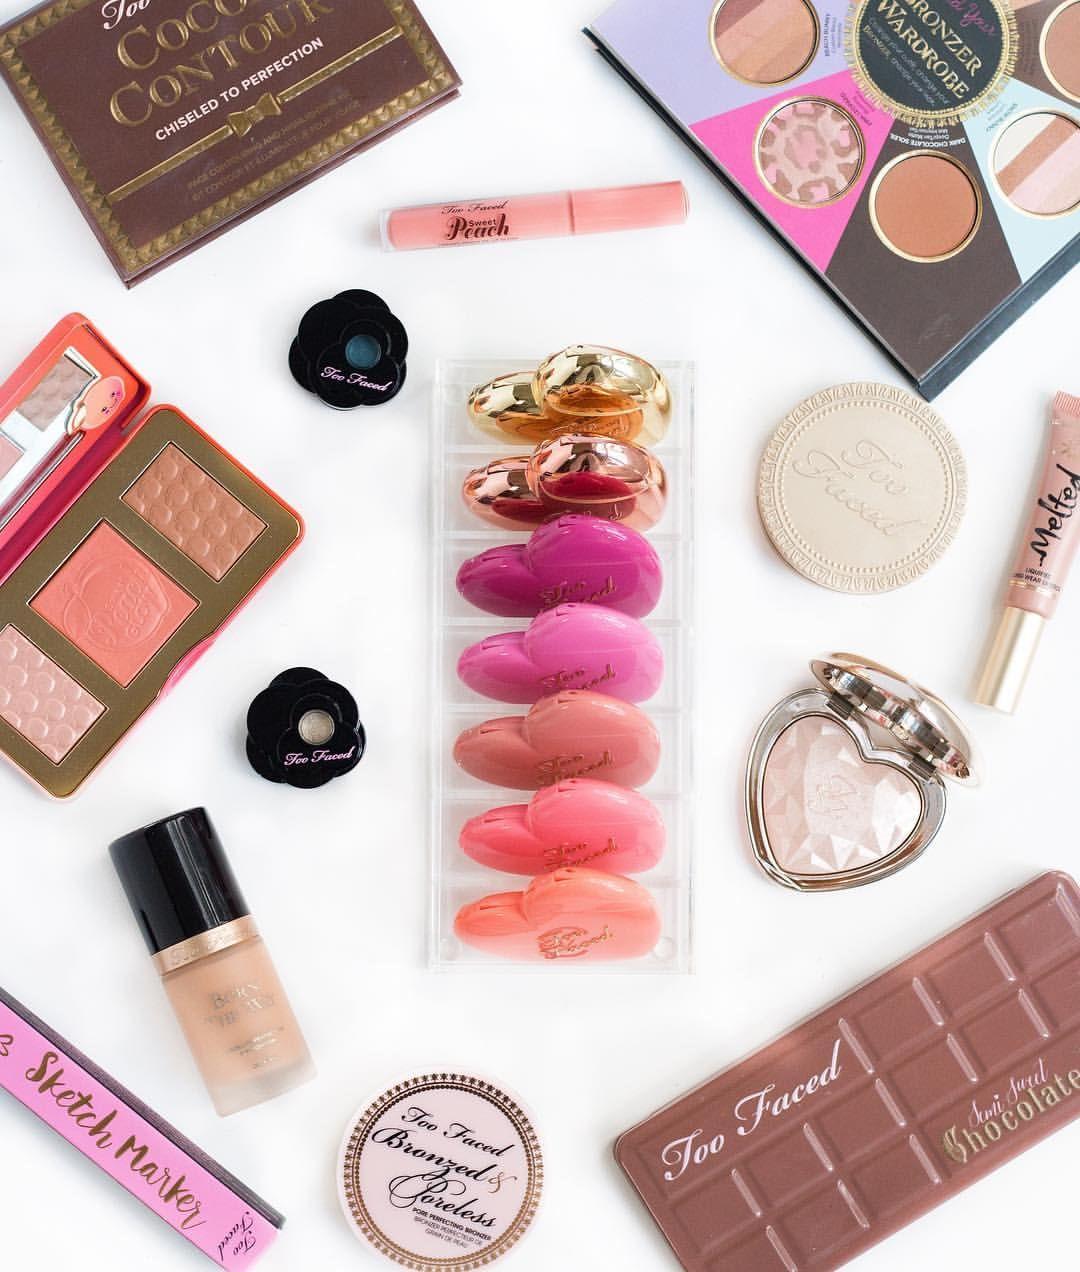 Pin by My Makeup Desk on Australian Beauty Bloggers in